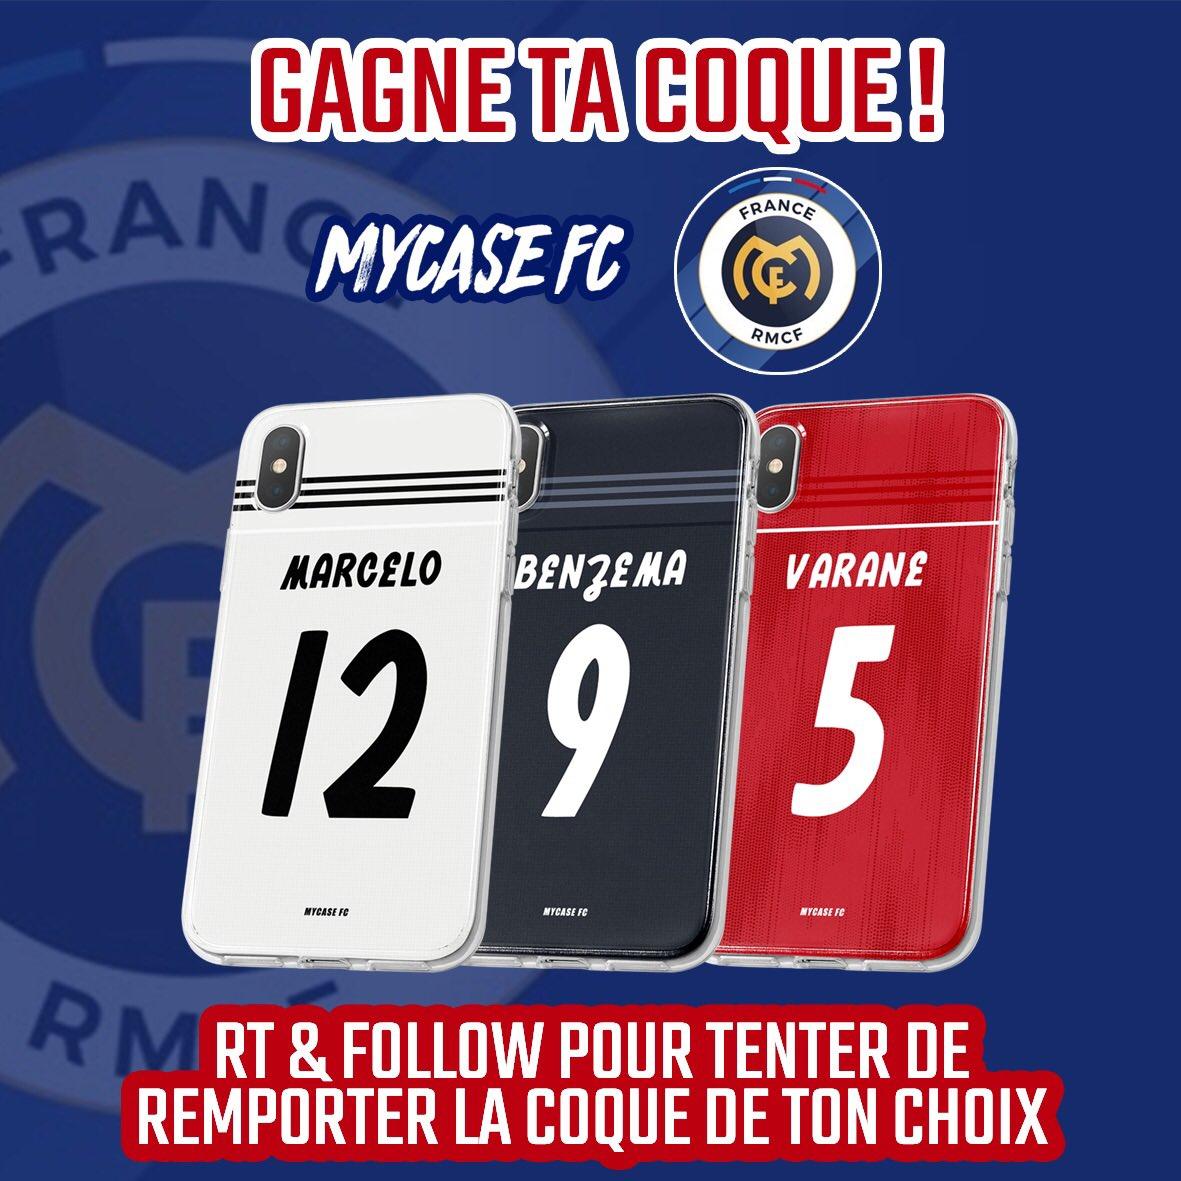 JEU CONCOURS !  RT + FOLLOW @FranceRMCF pour tenter de gagner ta coque parmi un large choix. http://www.mycasefc.com/  TAS ce vendredi 15/02  Bonne chance à tous 💪🏻